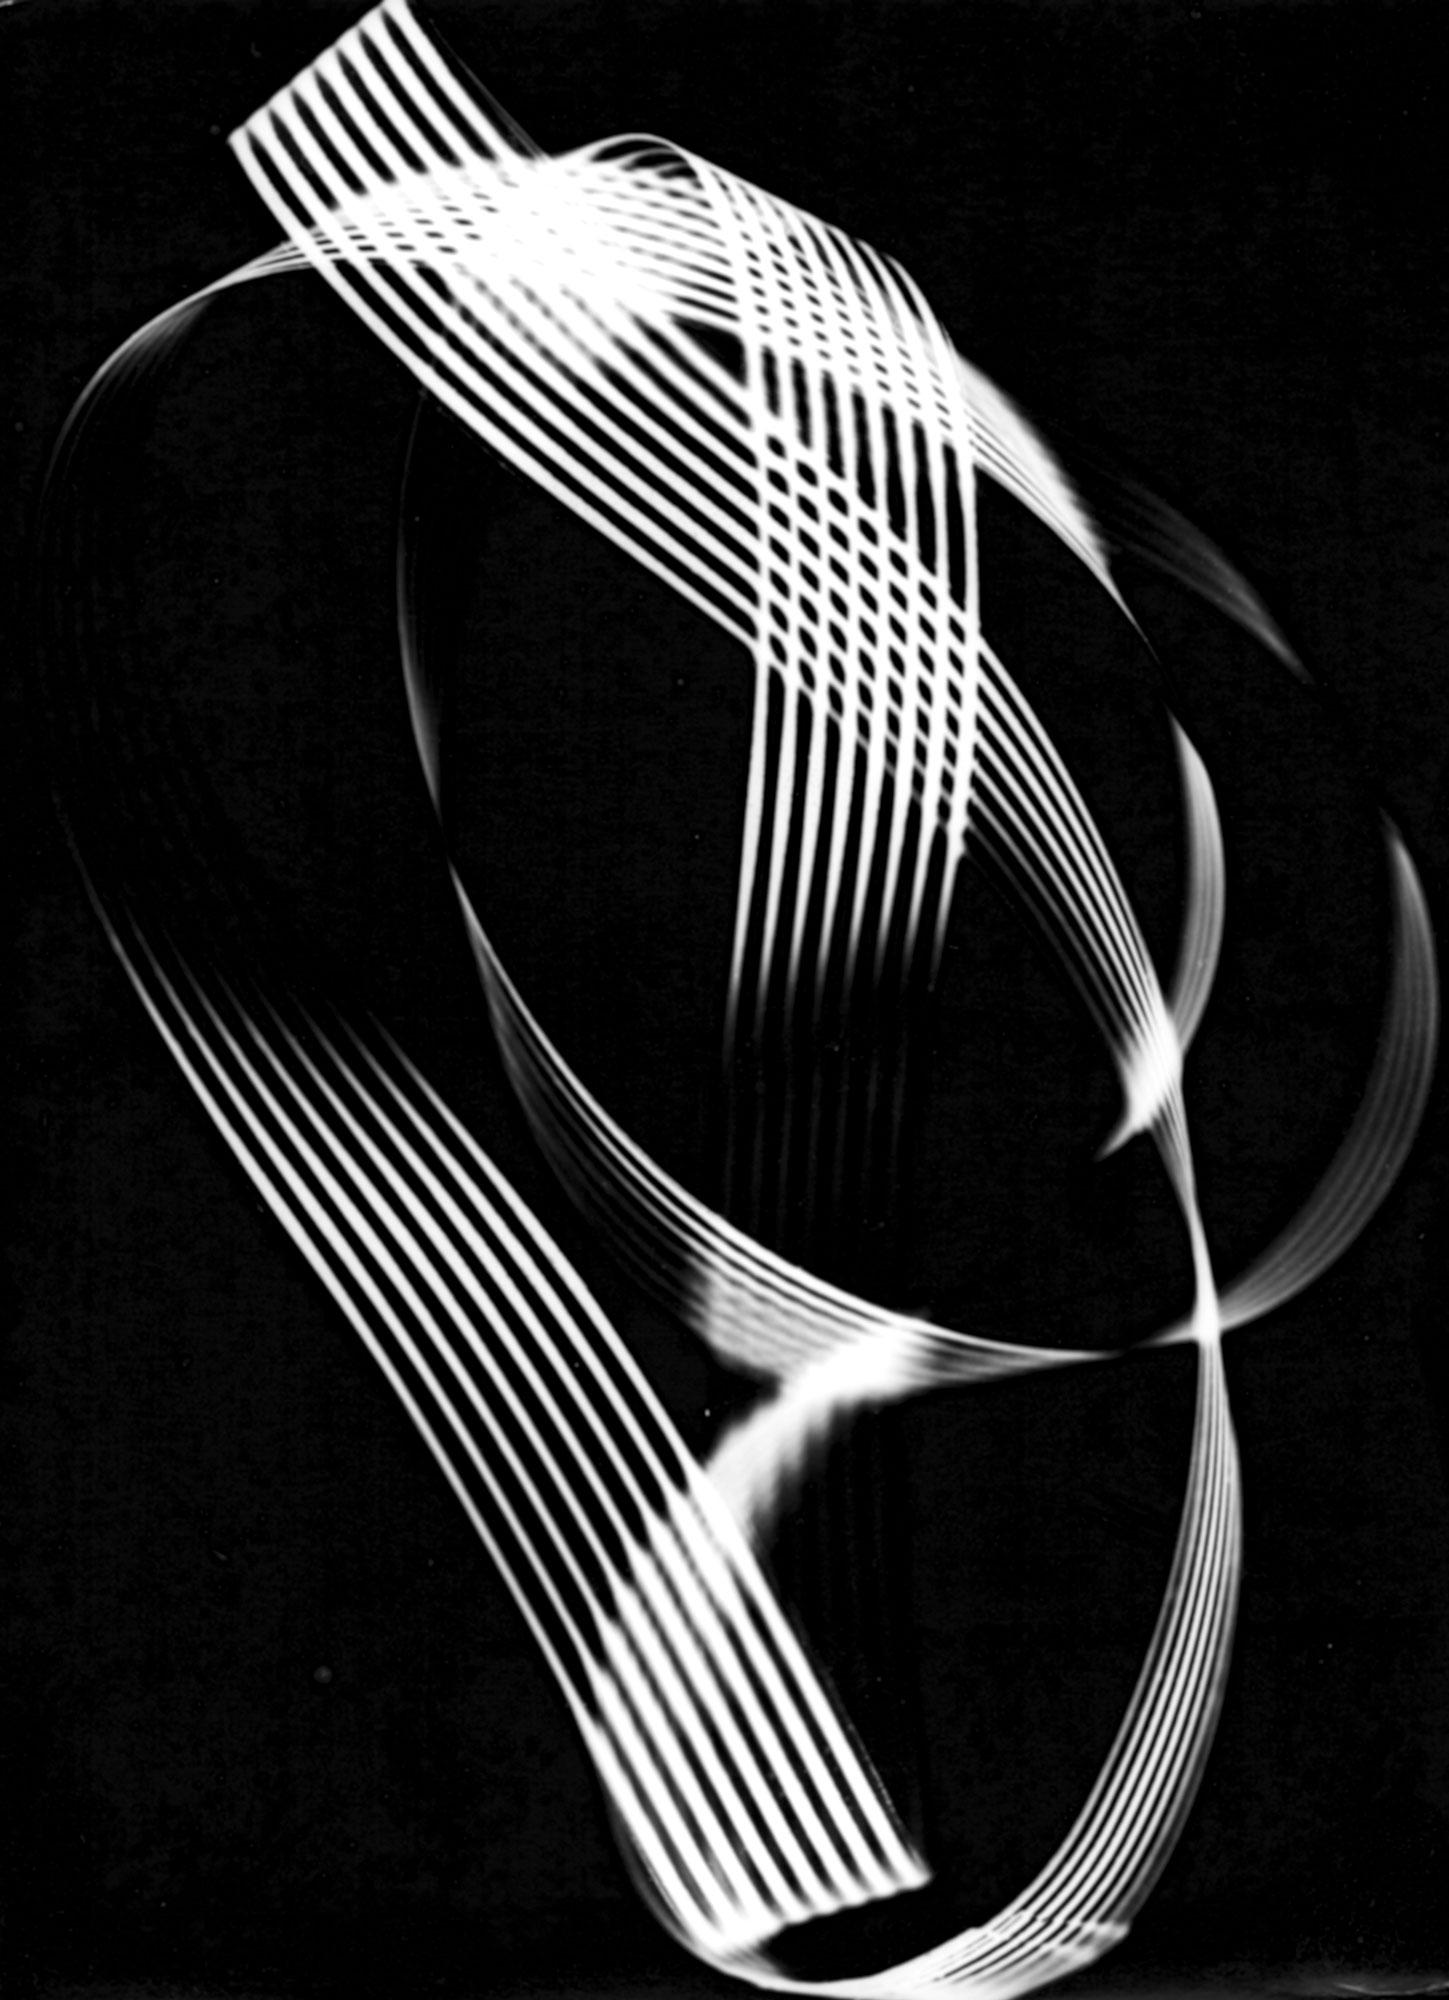 Bandform, 1953